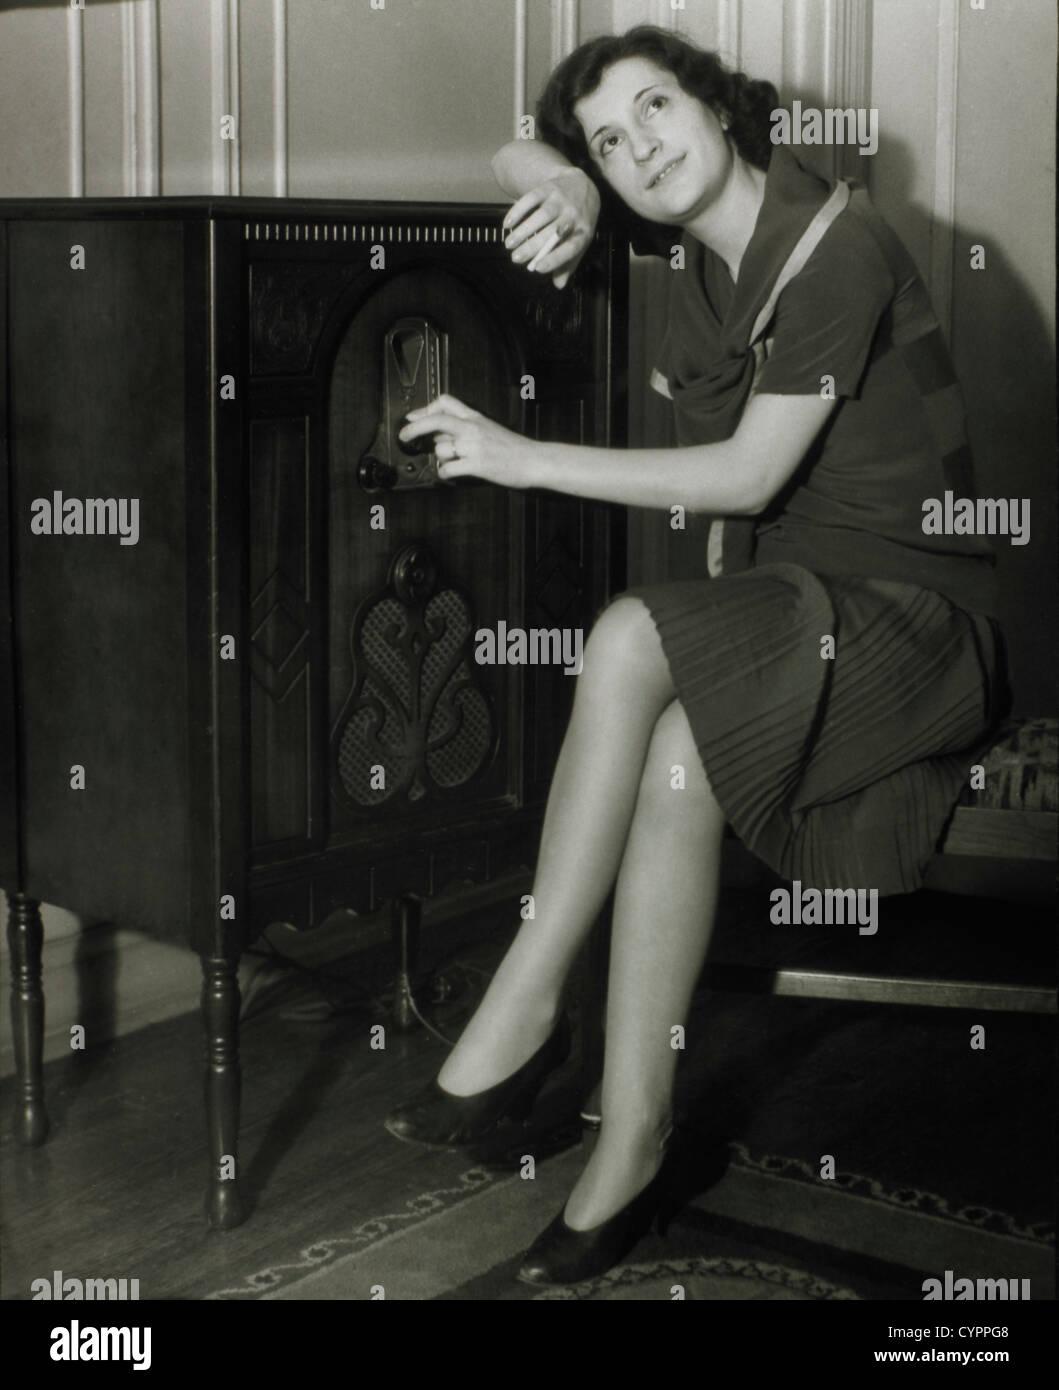 La donna si ascolta la radio 1930 Immagini Stock